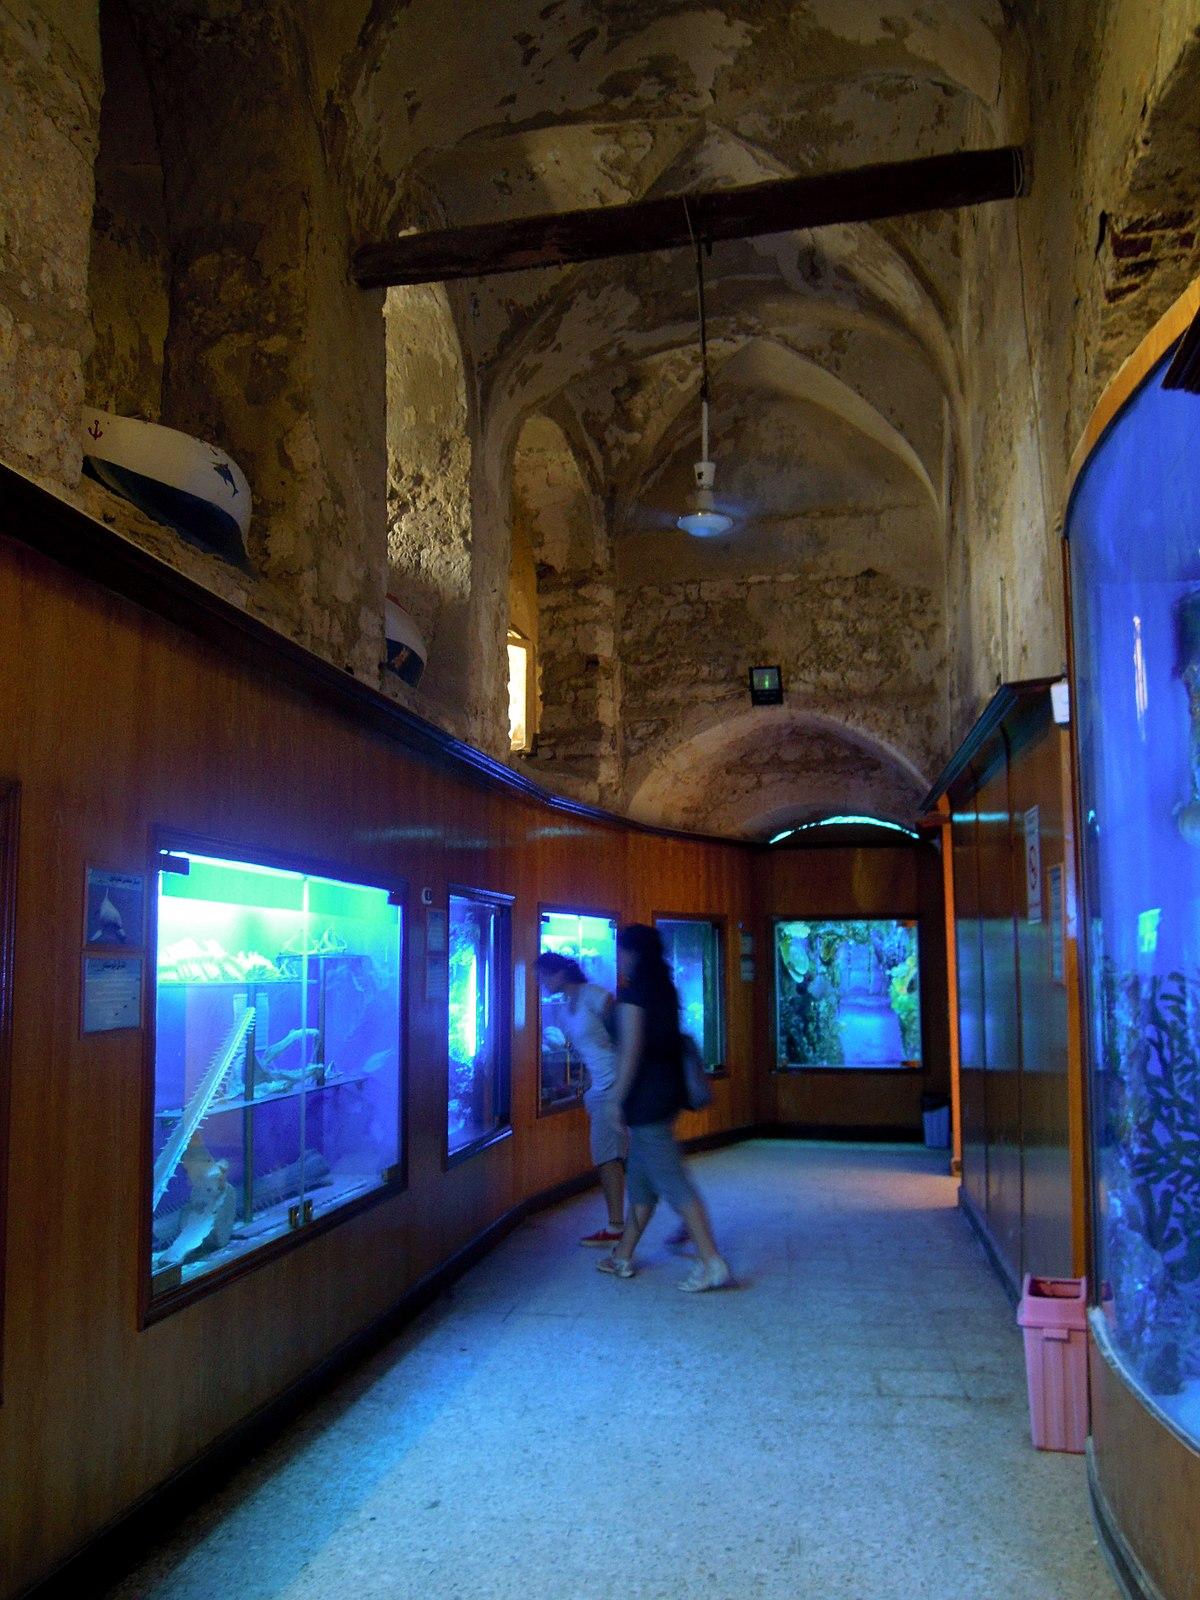 ع انواع  متحف الأحياء المائية - ويكيبيديا، الموسوعة الحرة